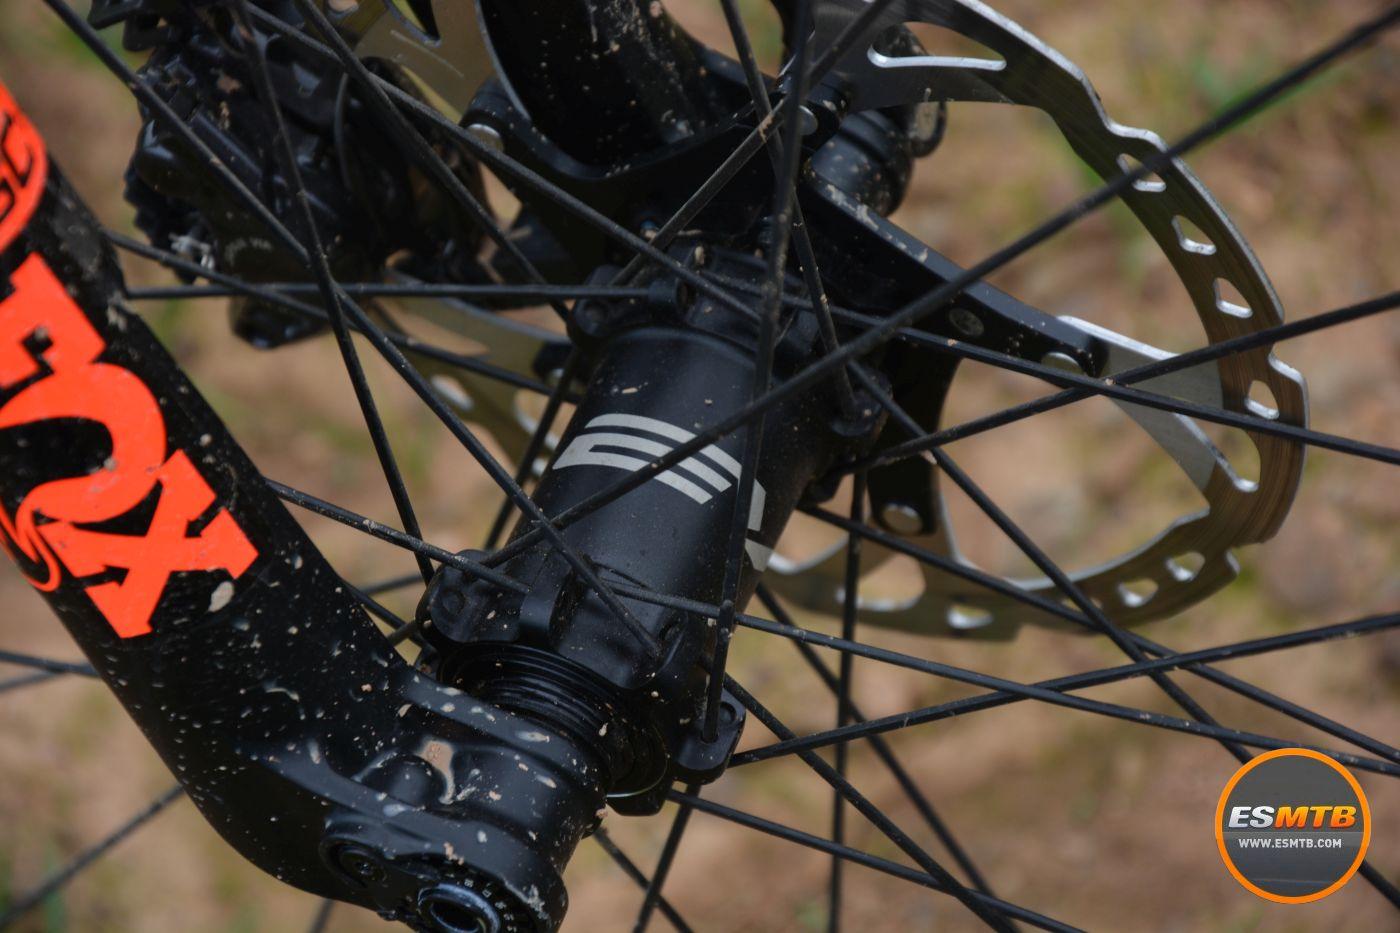 Los bujes de las ruedas BH de carbono